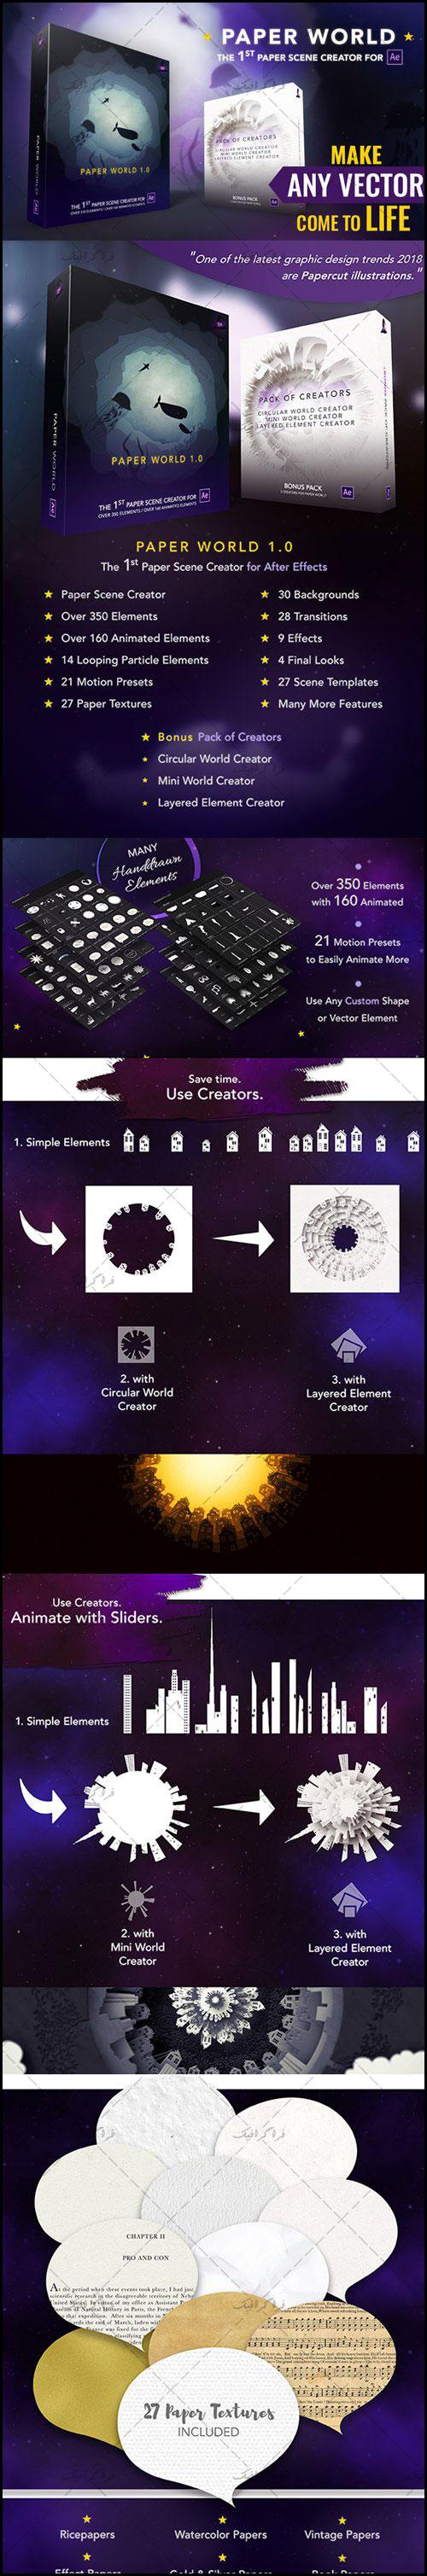 مجموعه کامل پروژه افتر افکت انیمشن های کاغذی - خرید پستی